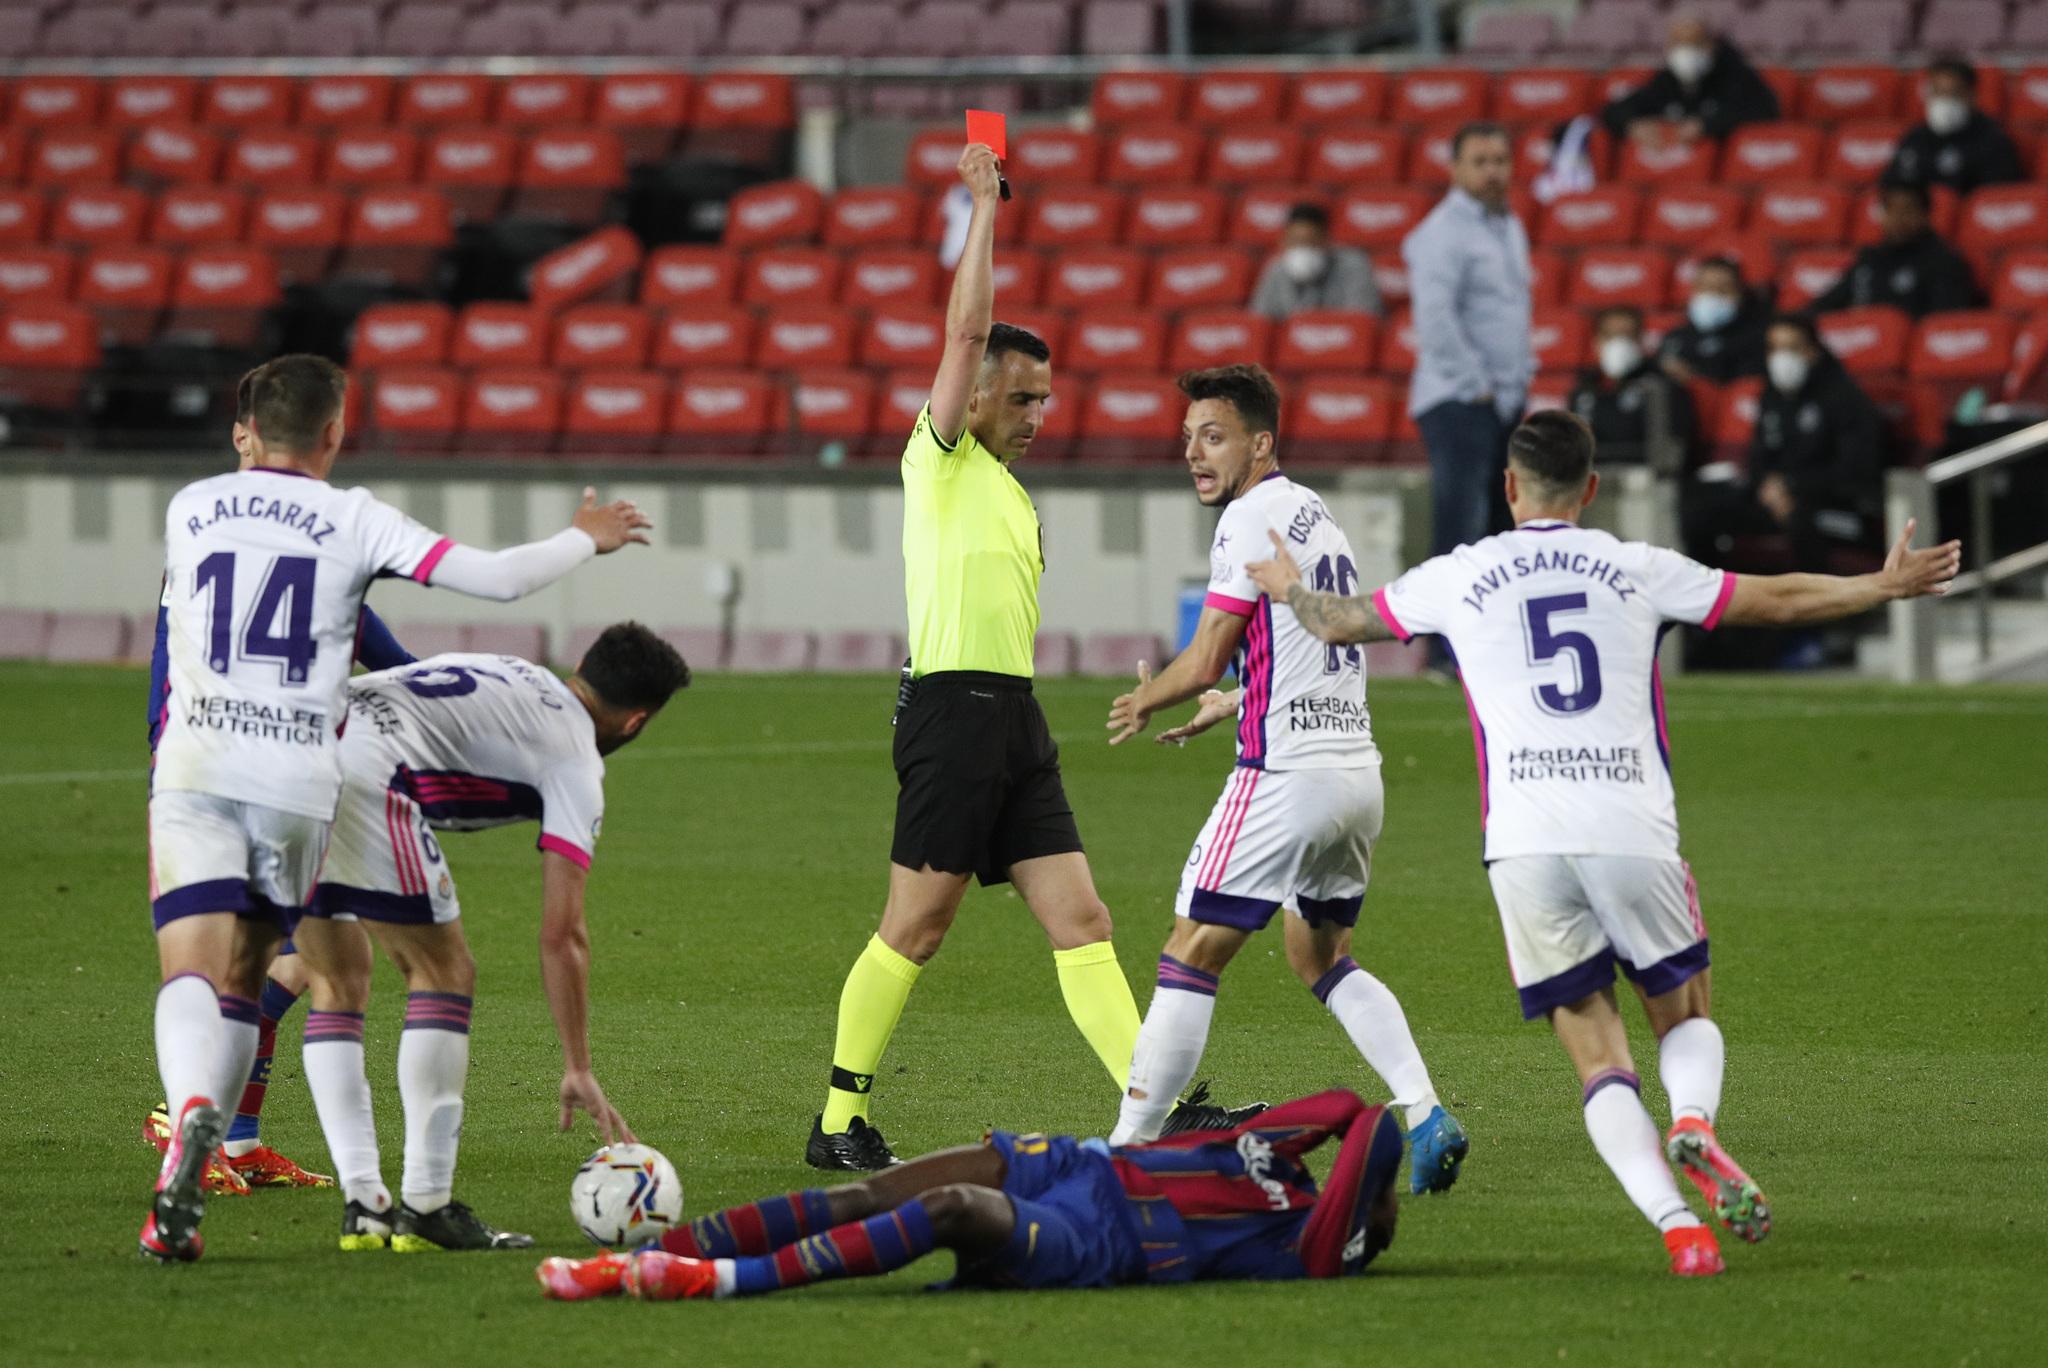 Barcelona vs Valladolid: Dembélé salva al Barça sobre la hora y la cima de  LaLiga arde | Marca